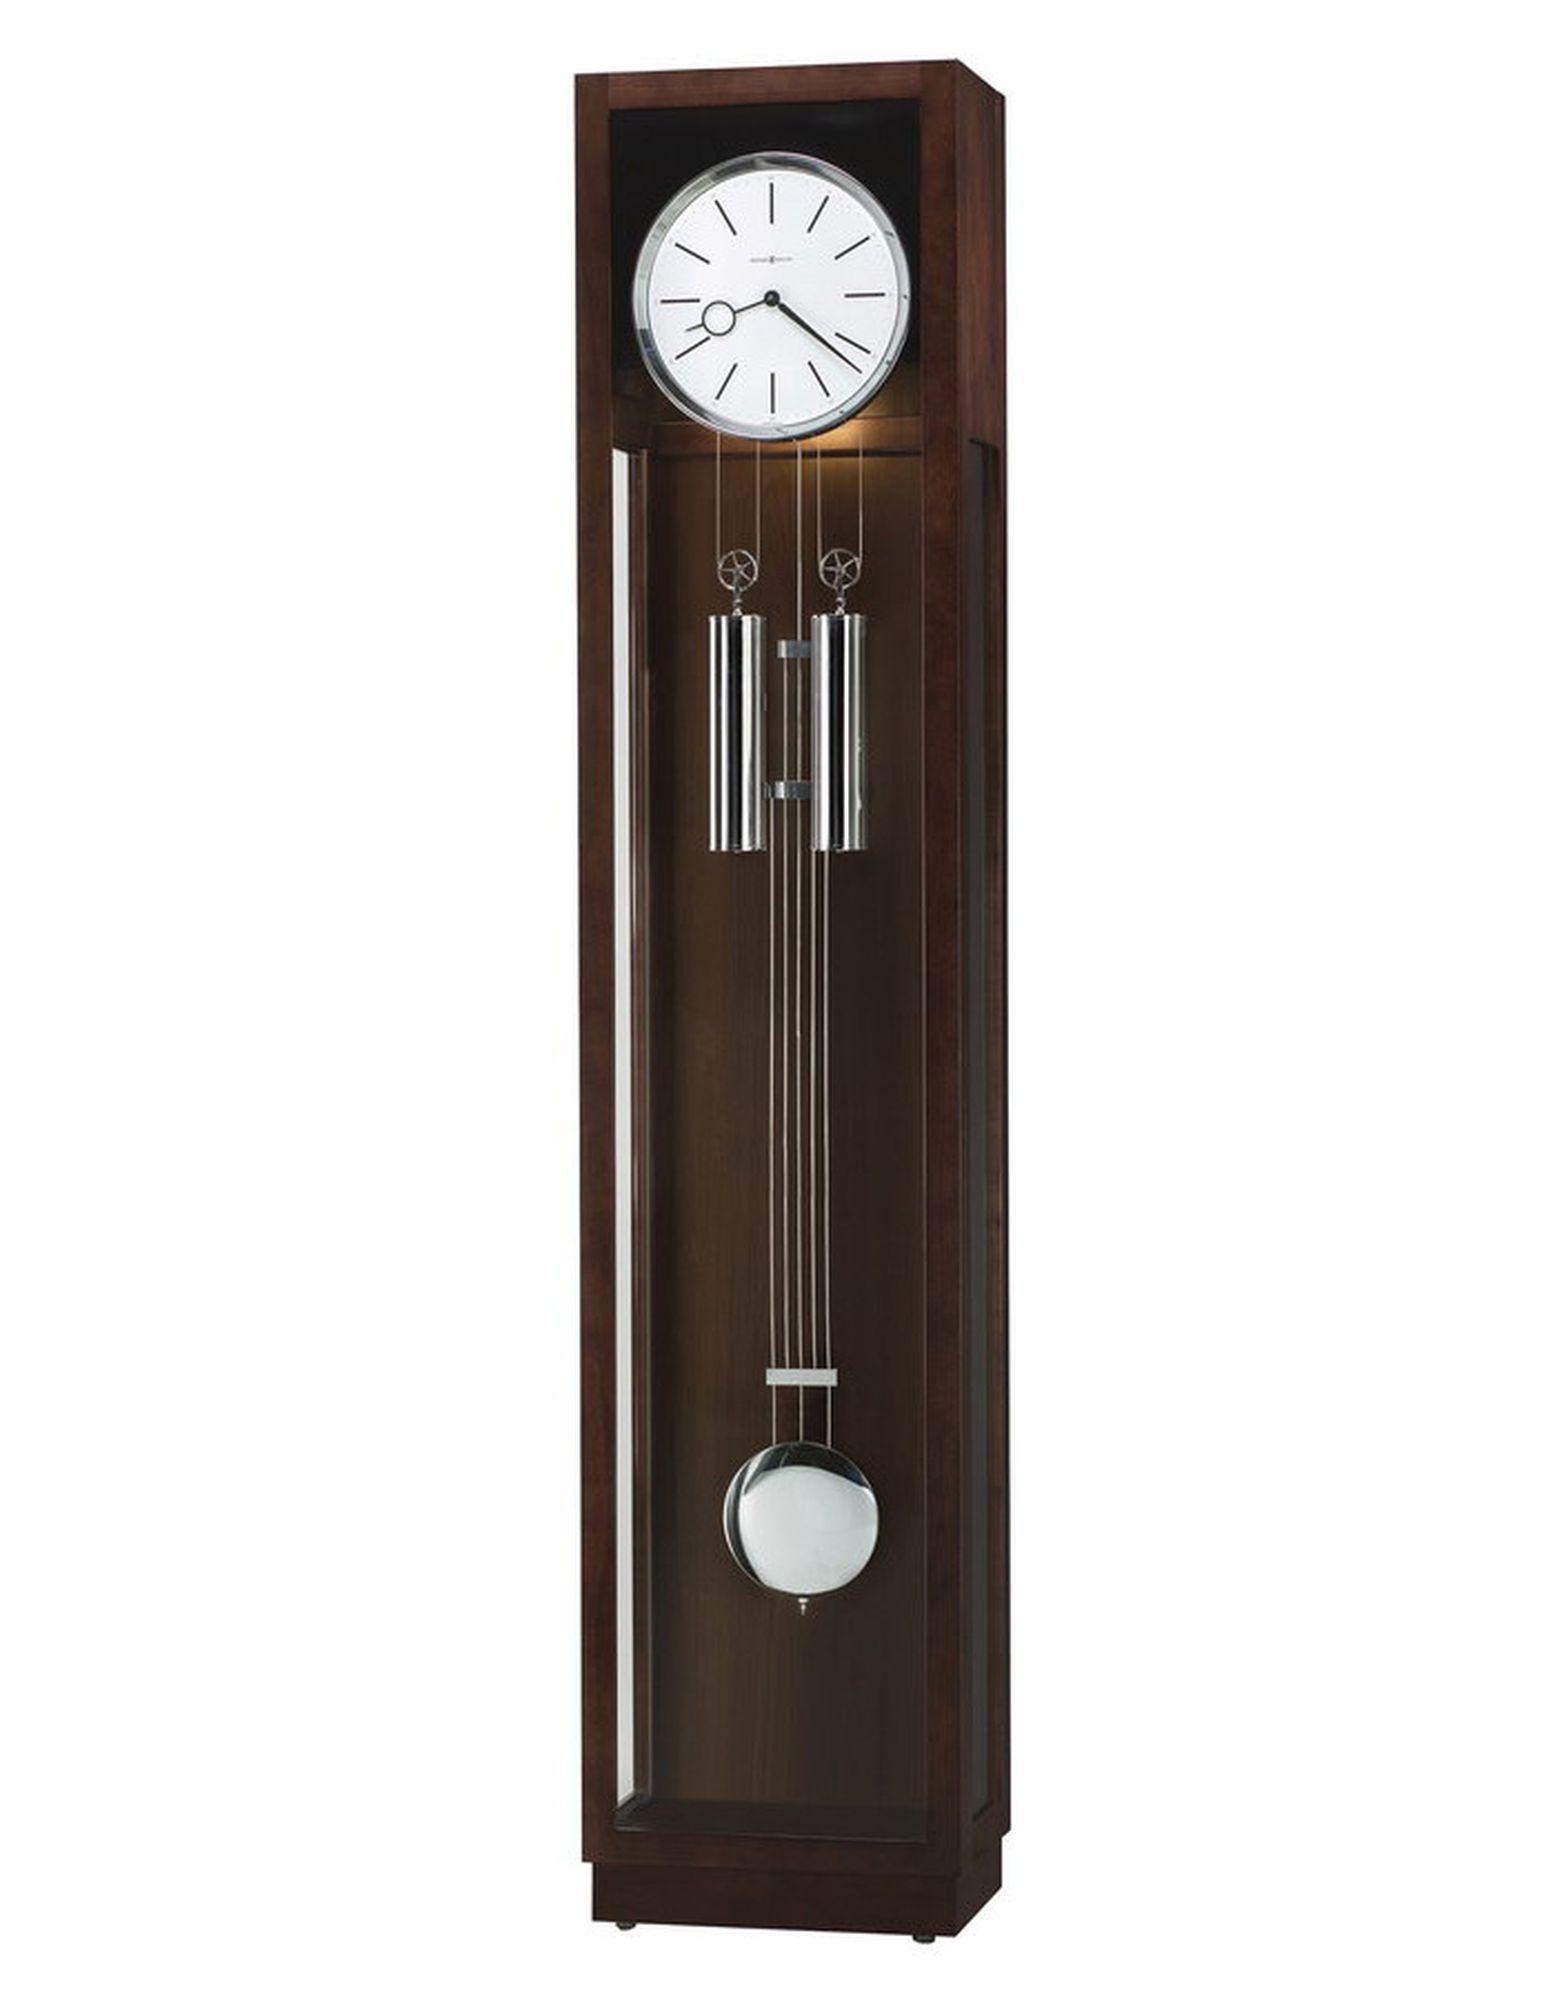 Часы напольные Часы напольные Howard Miller 611-220 Avalon chasy-napolnye-howard-miller-611-220-ssha.jpg